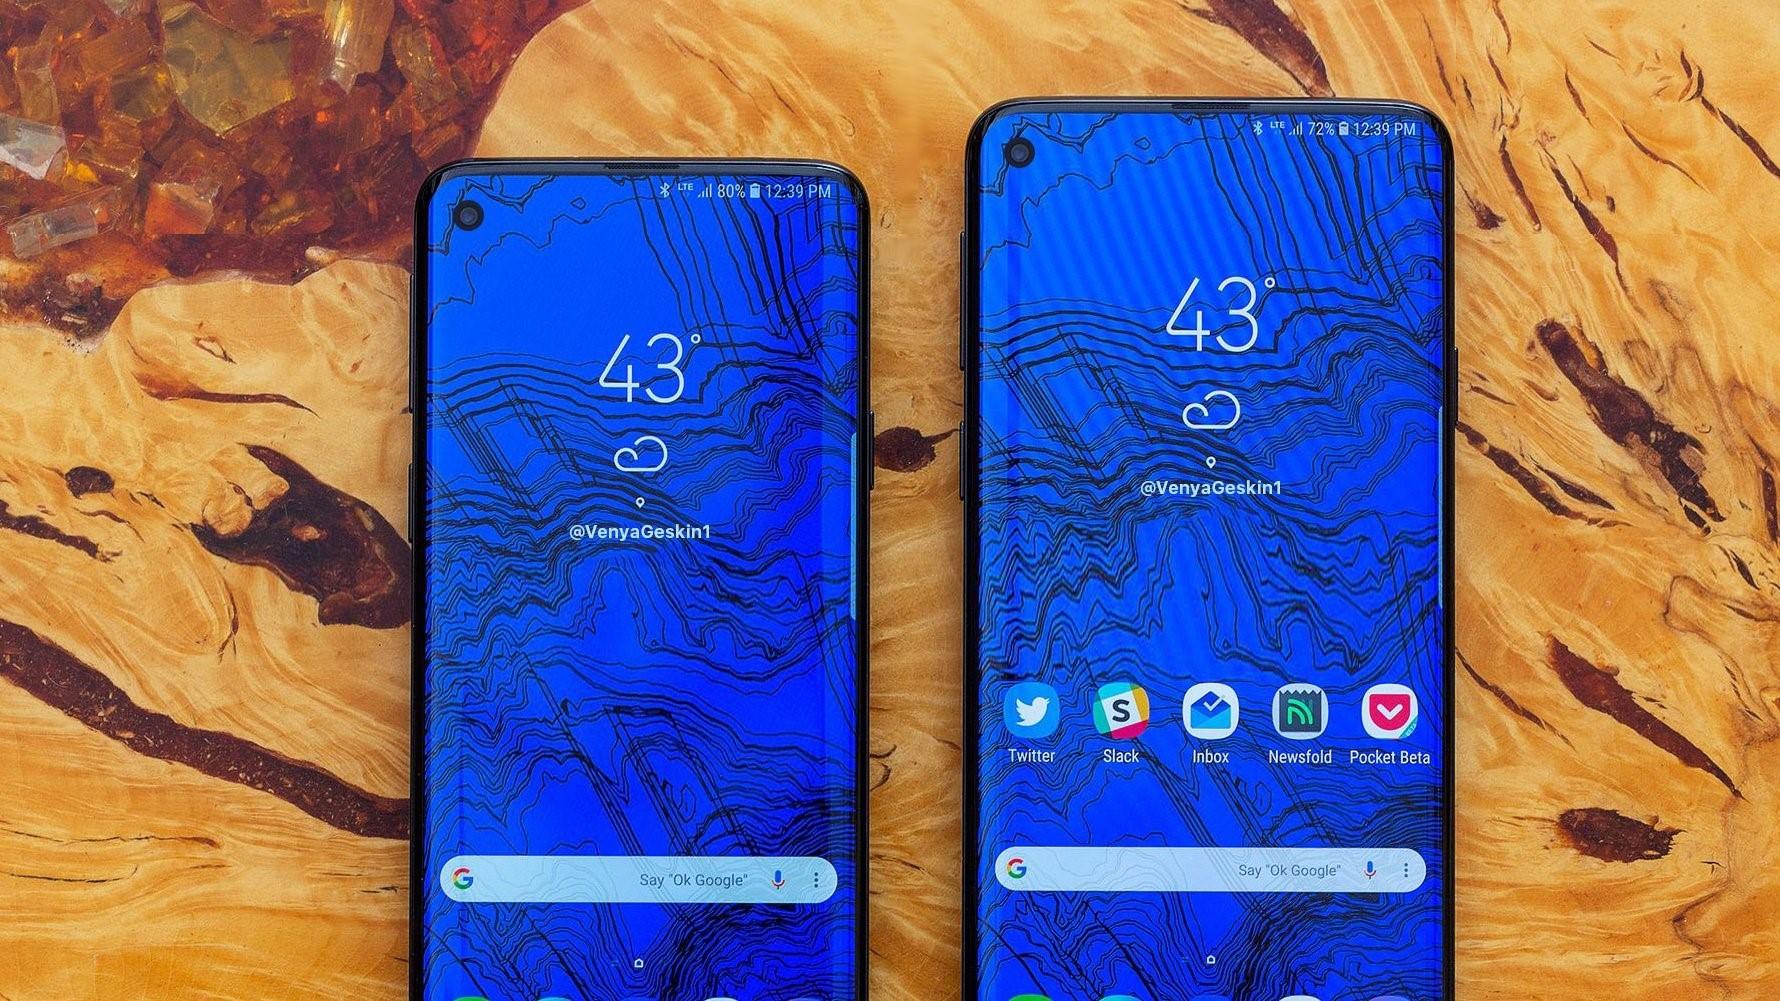 Топовая версия Samsung Galaxy S10 выйдет в керамическом корпусе